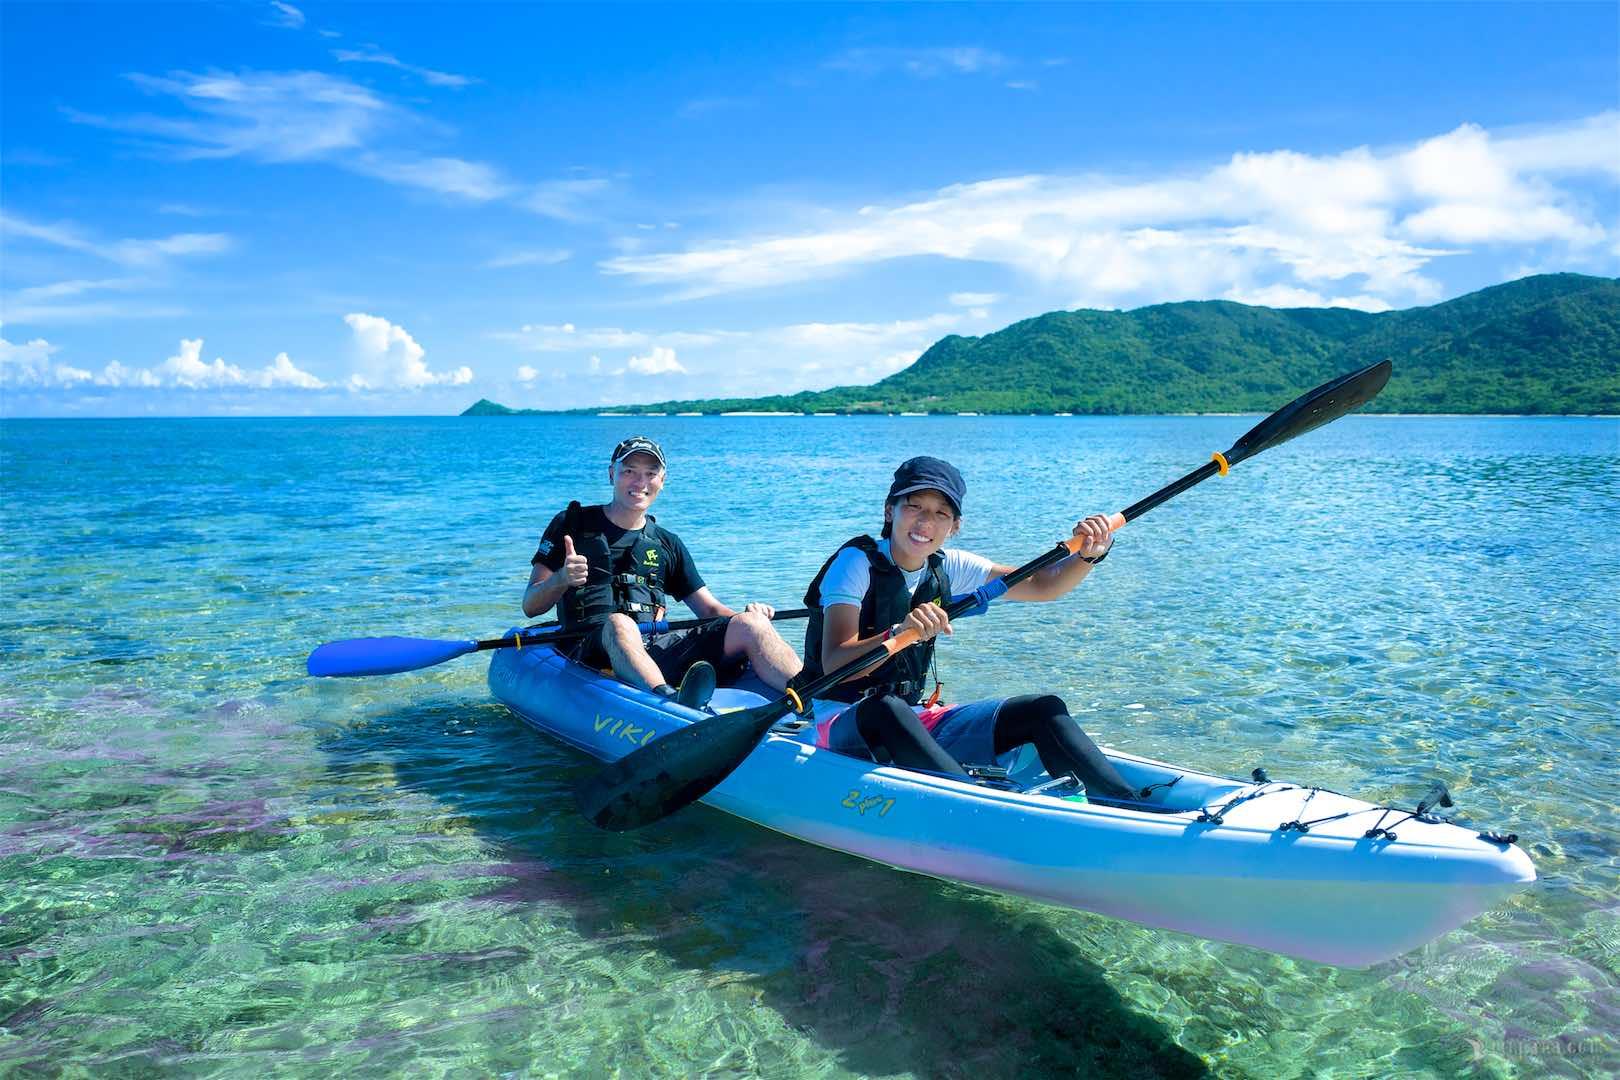 海のエコツアーでカヌーを漕ぐ参加者